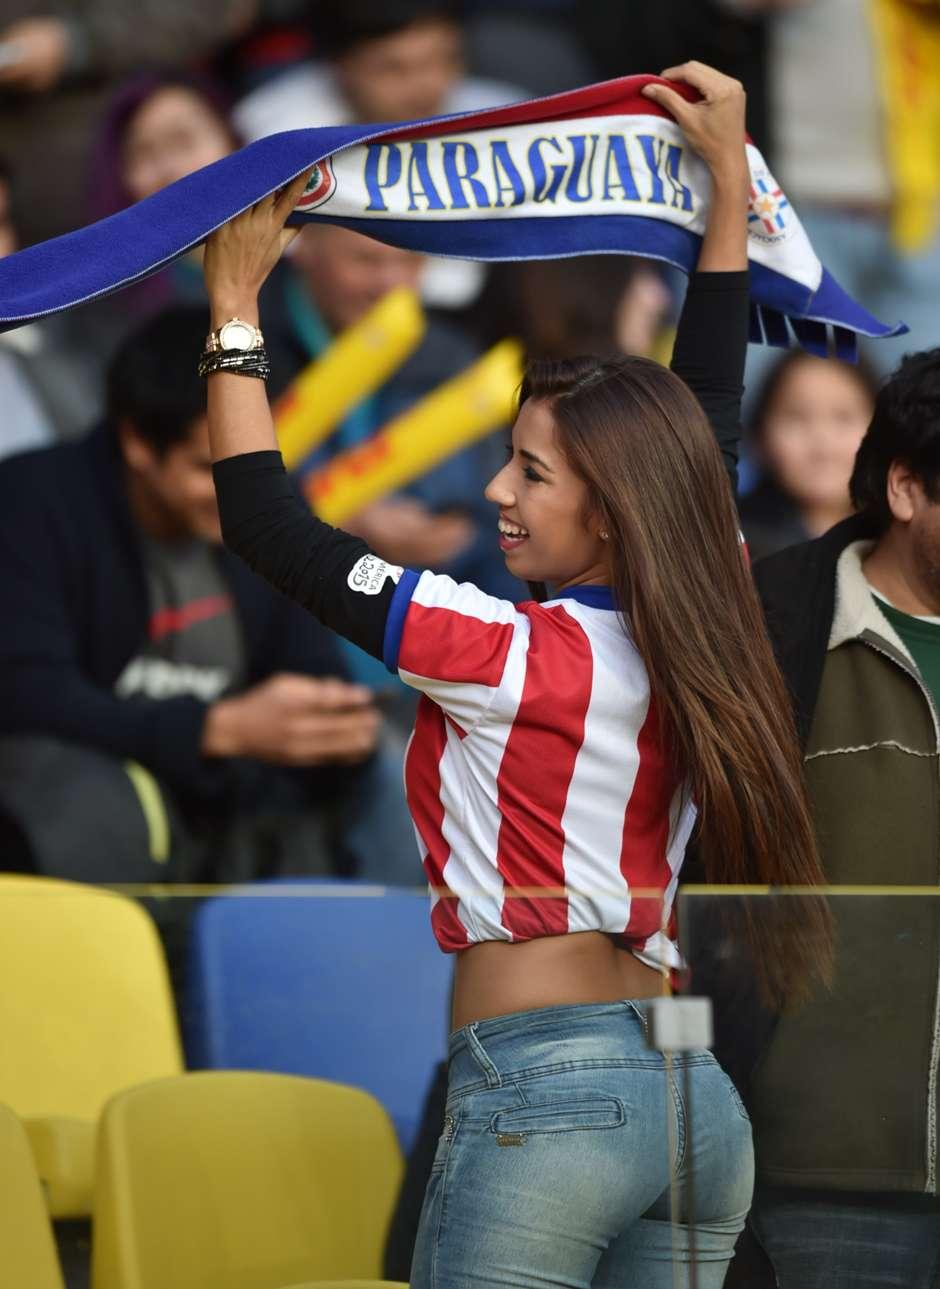 Las 11 mujeres mas hermosas de la copa amrica chile 2015